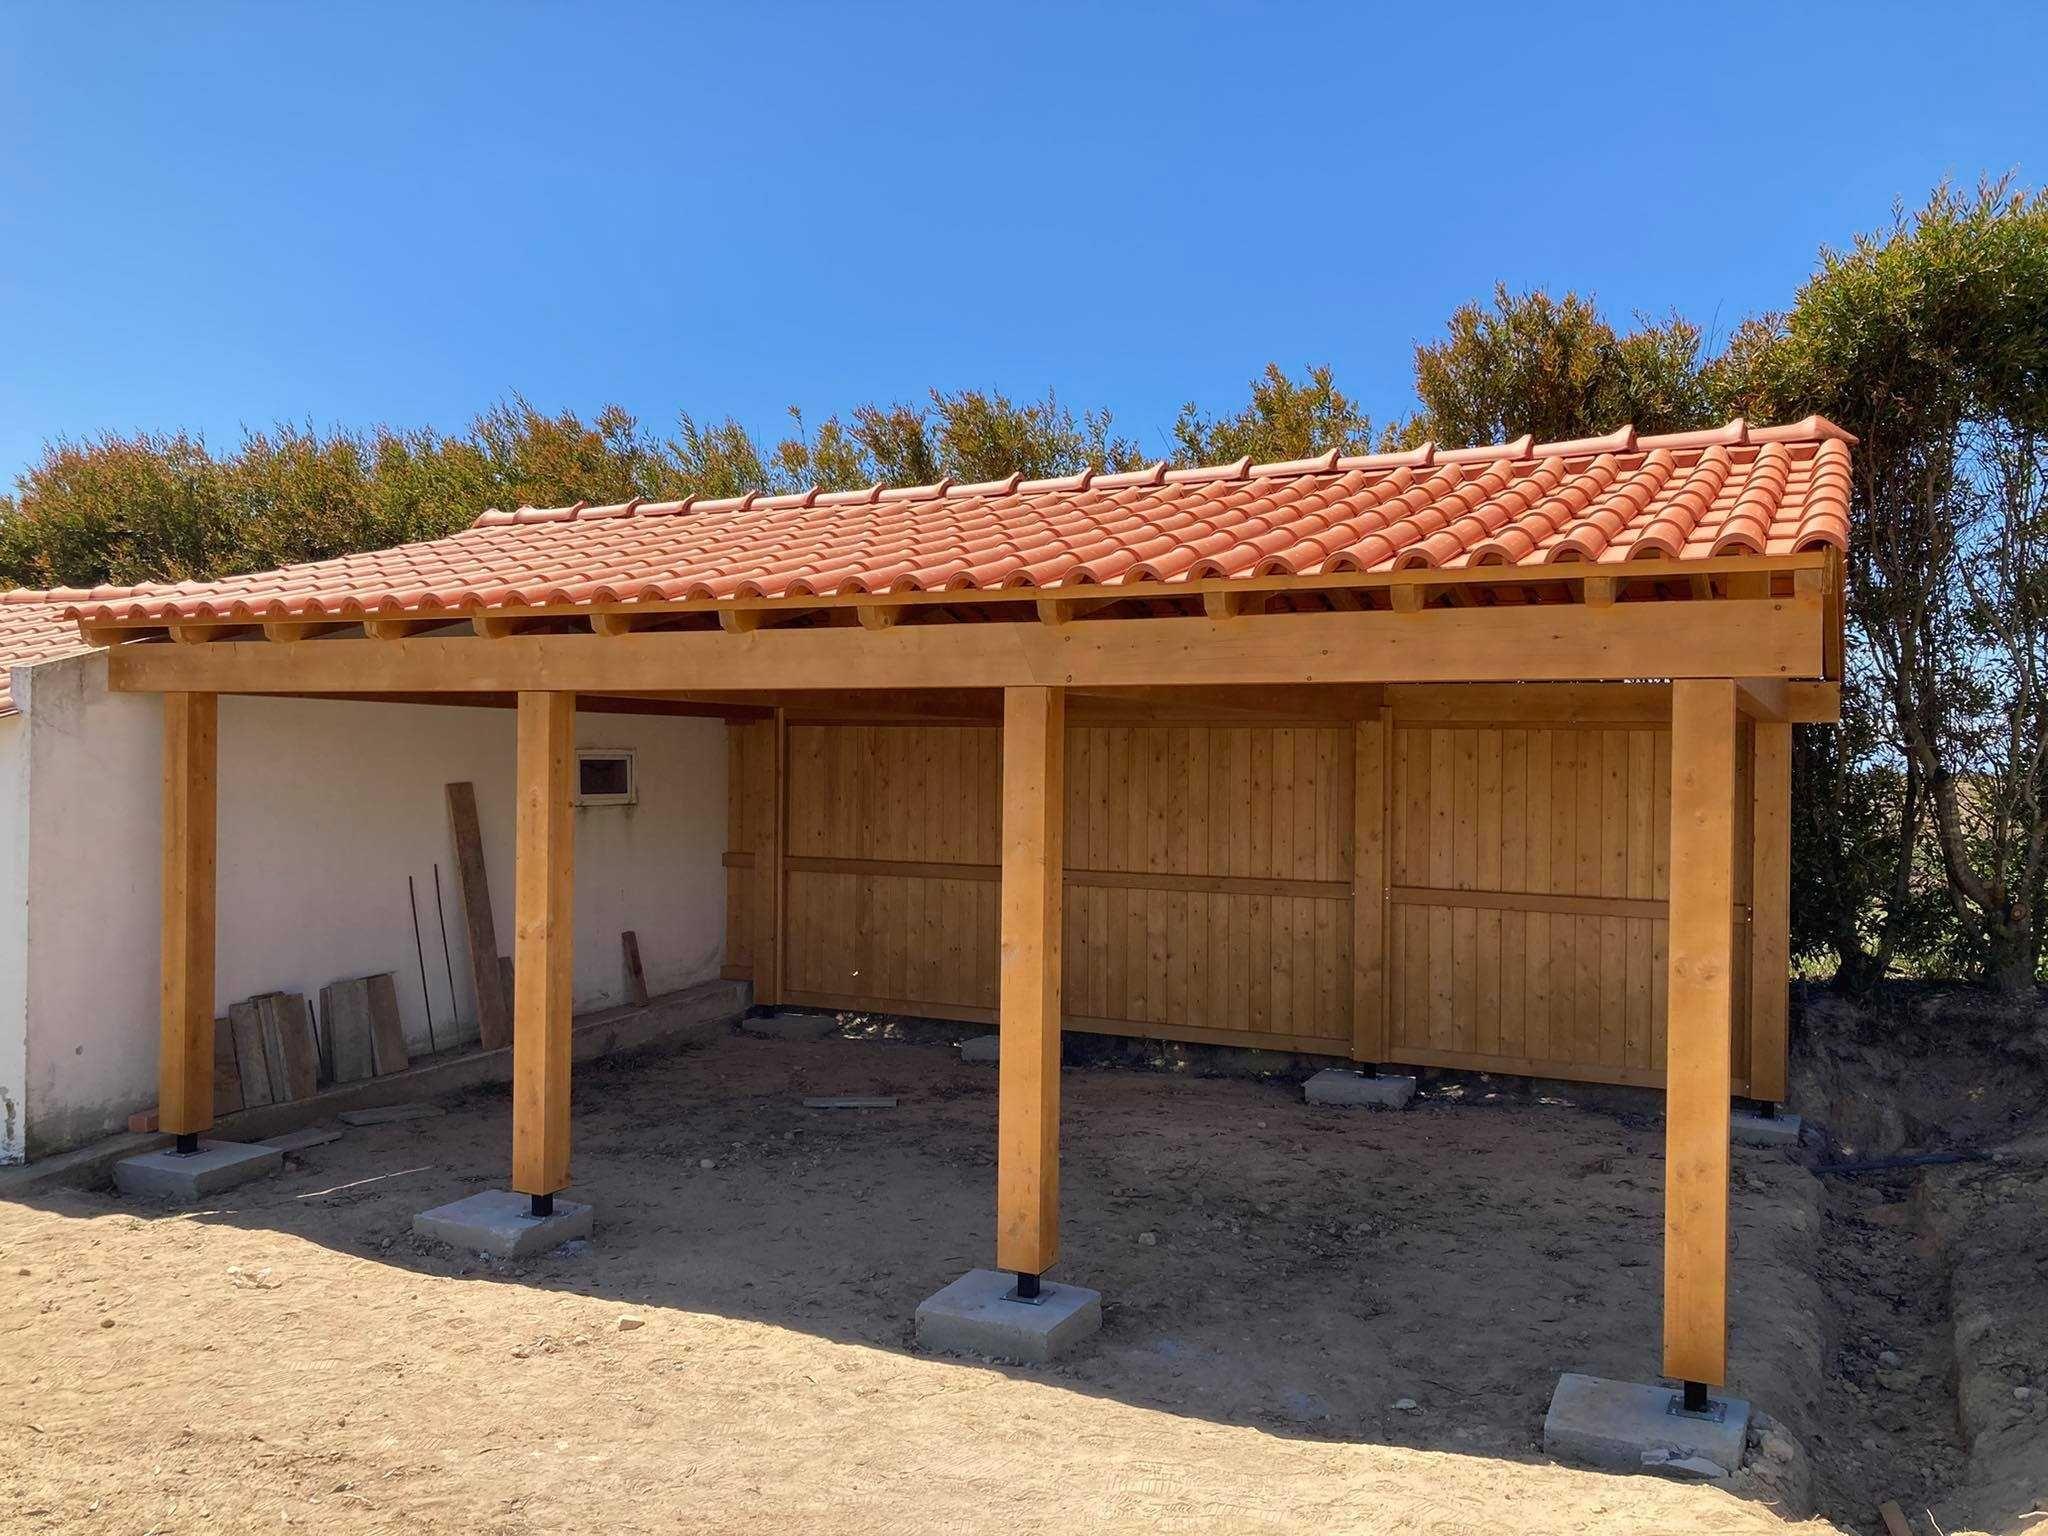 telheiro em madeira / garagem Madeira&Conforto